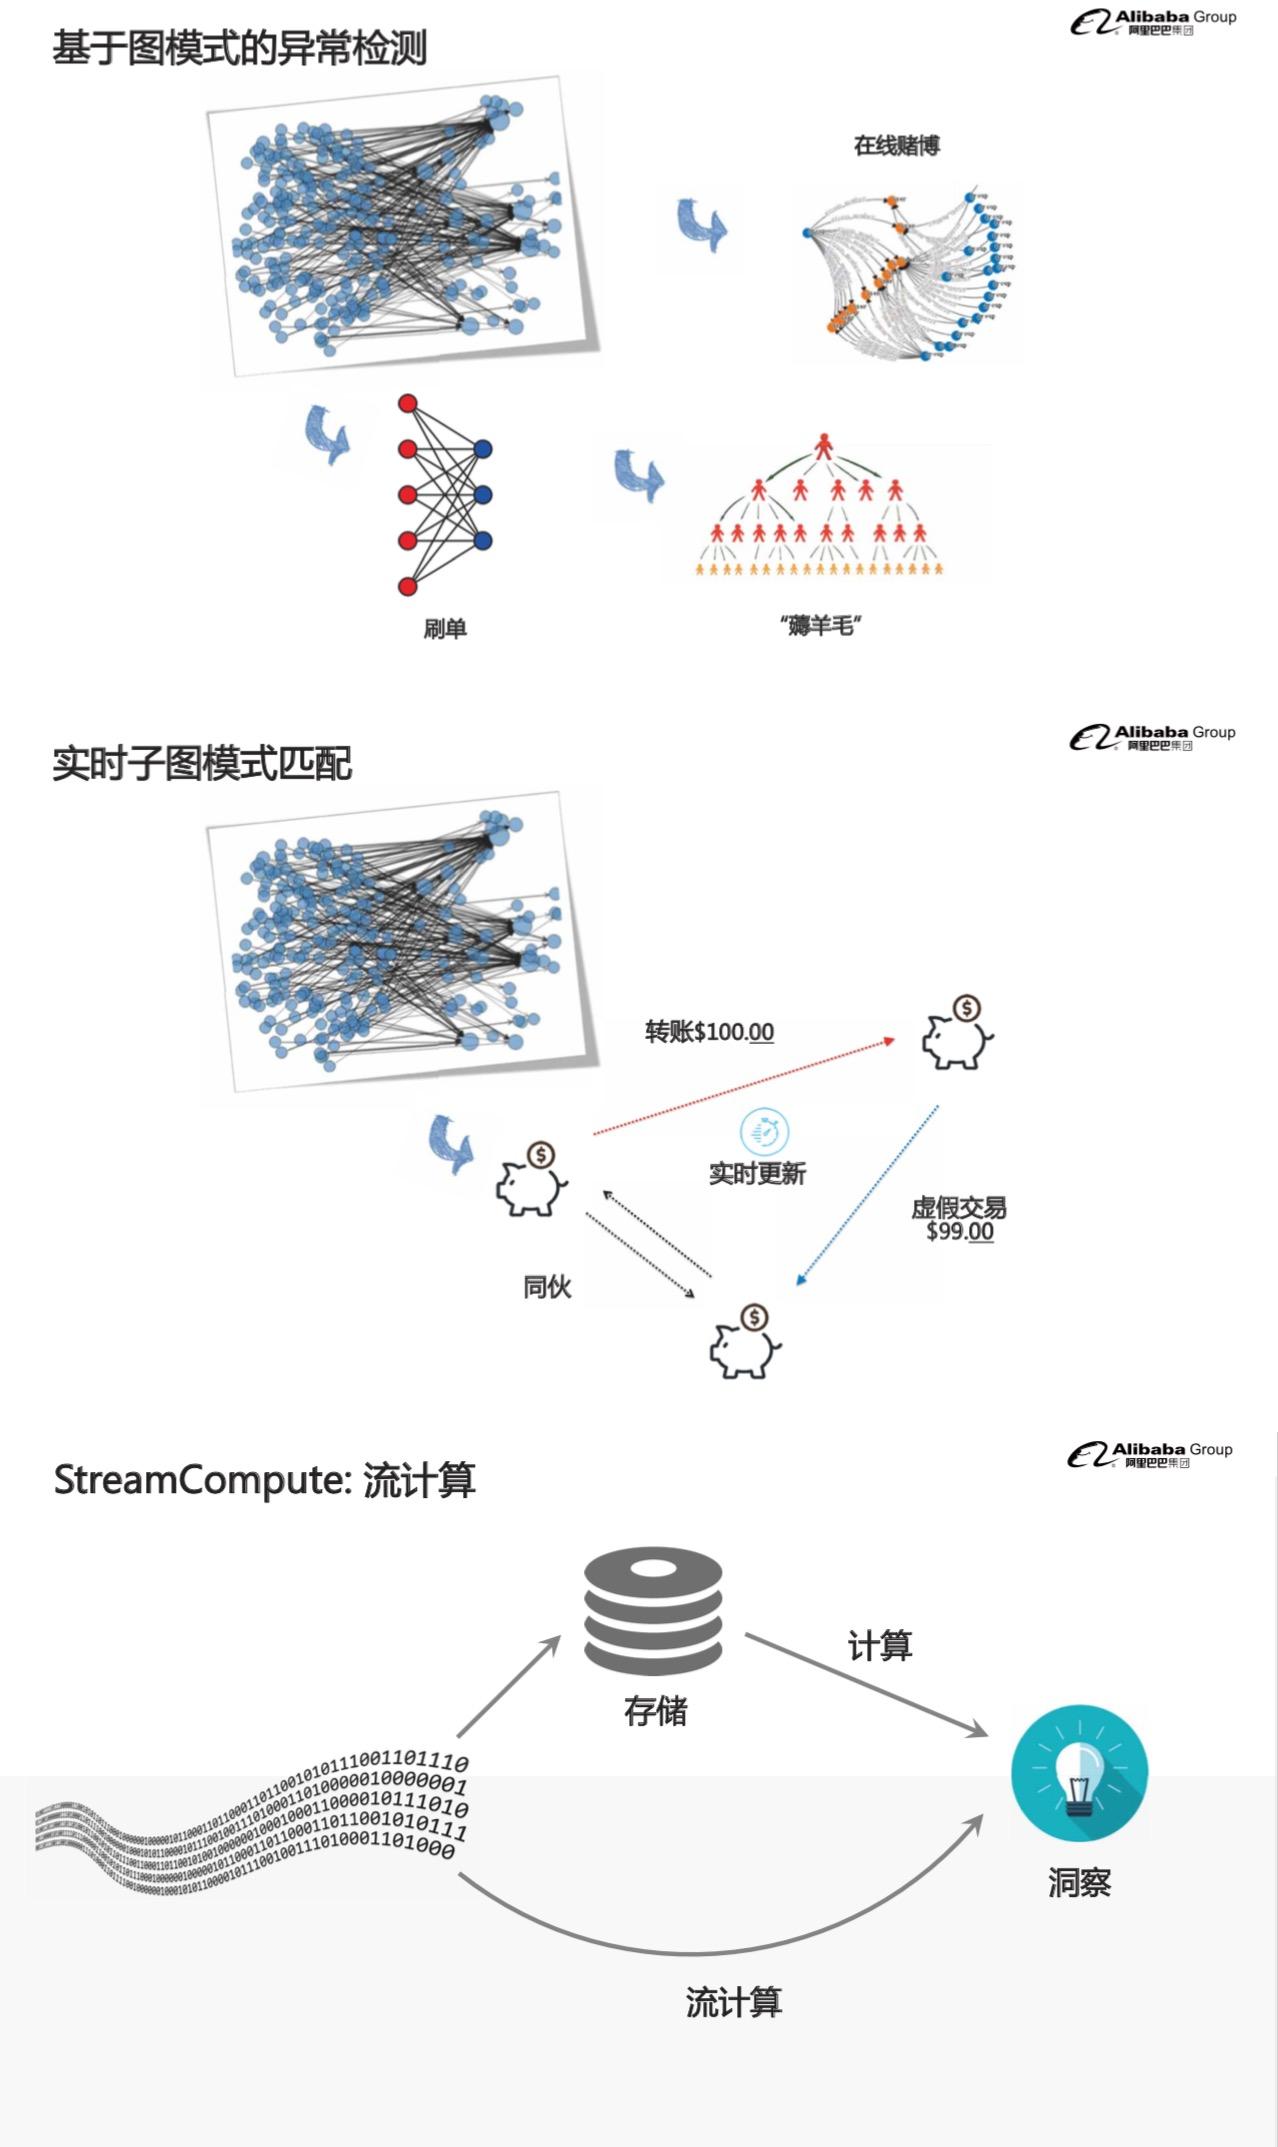 201805_图论by《阿里技术参考图册-研发篇》.jpg